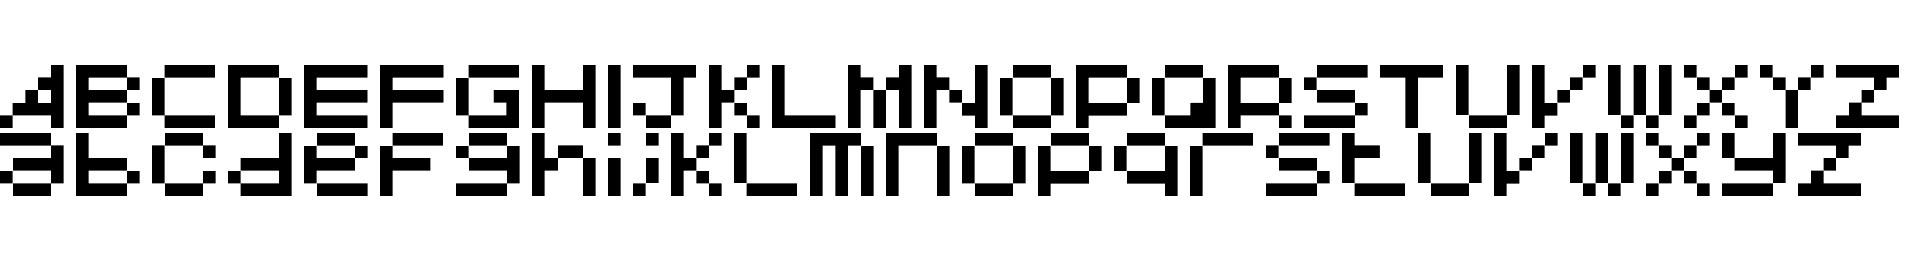 Avant Pixel